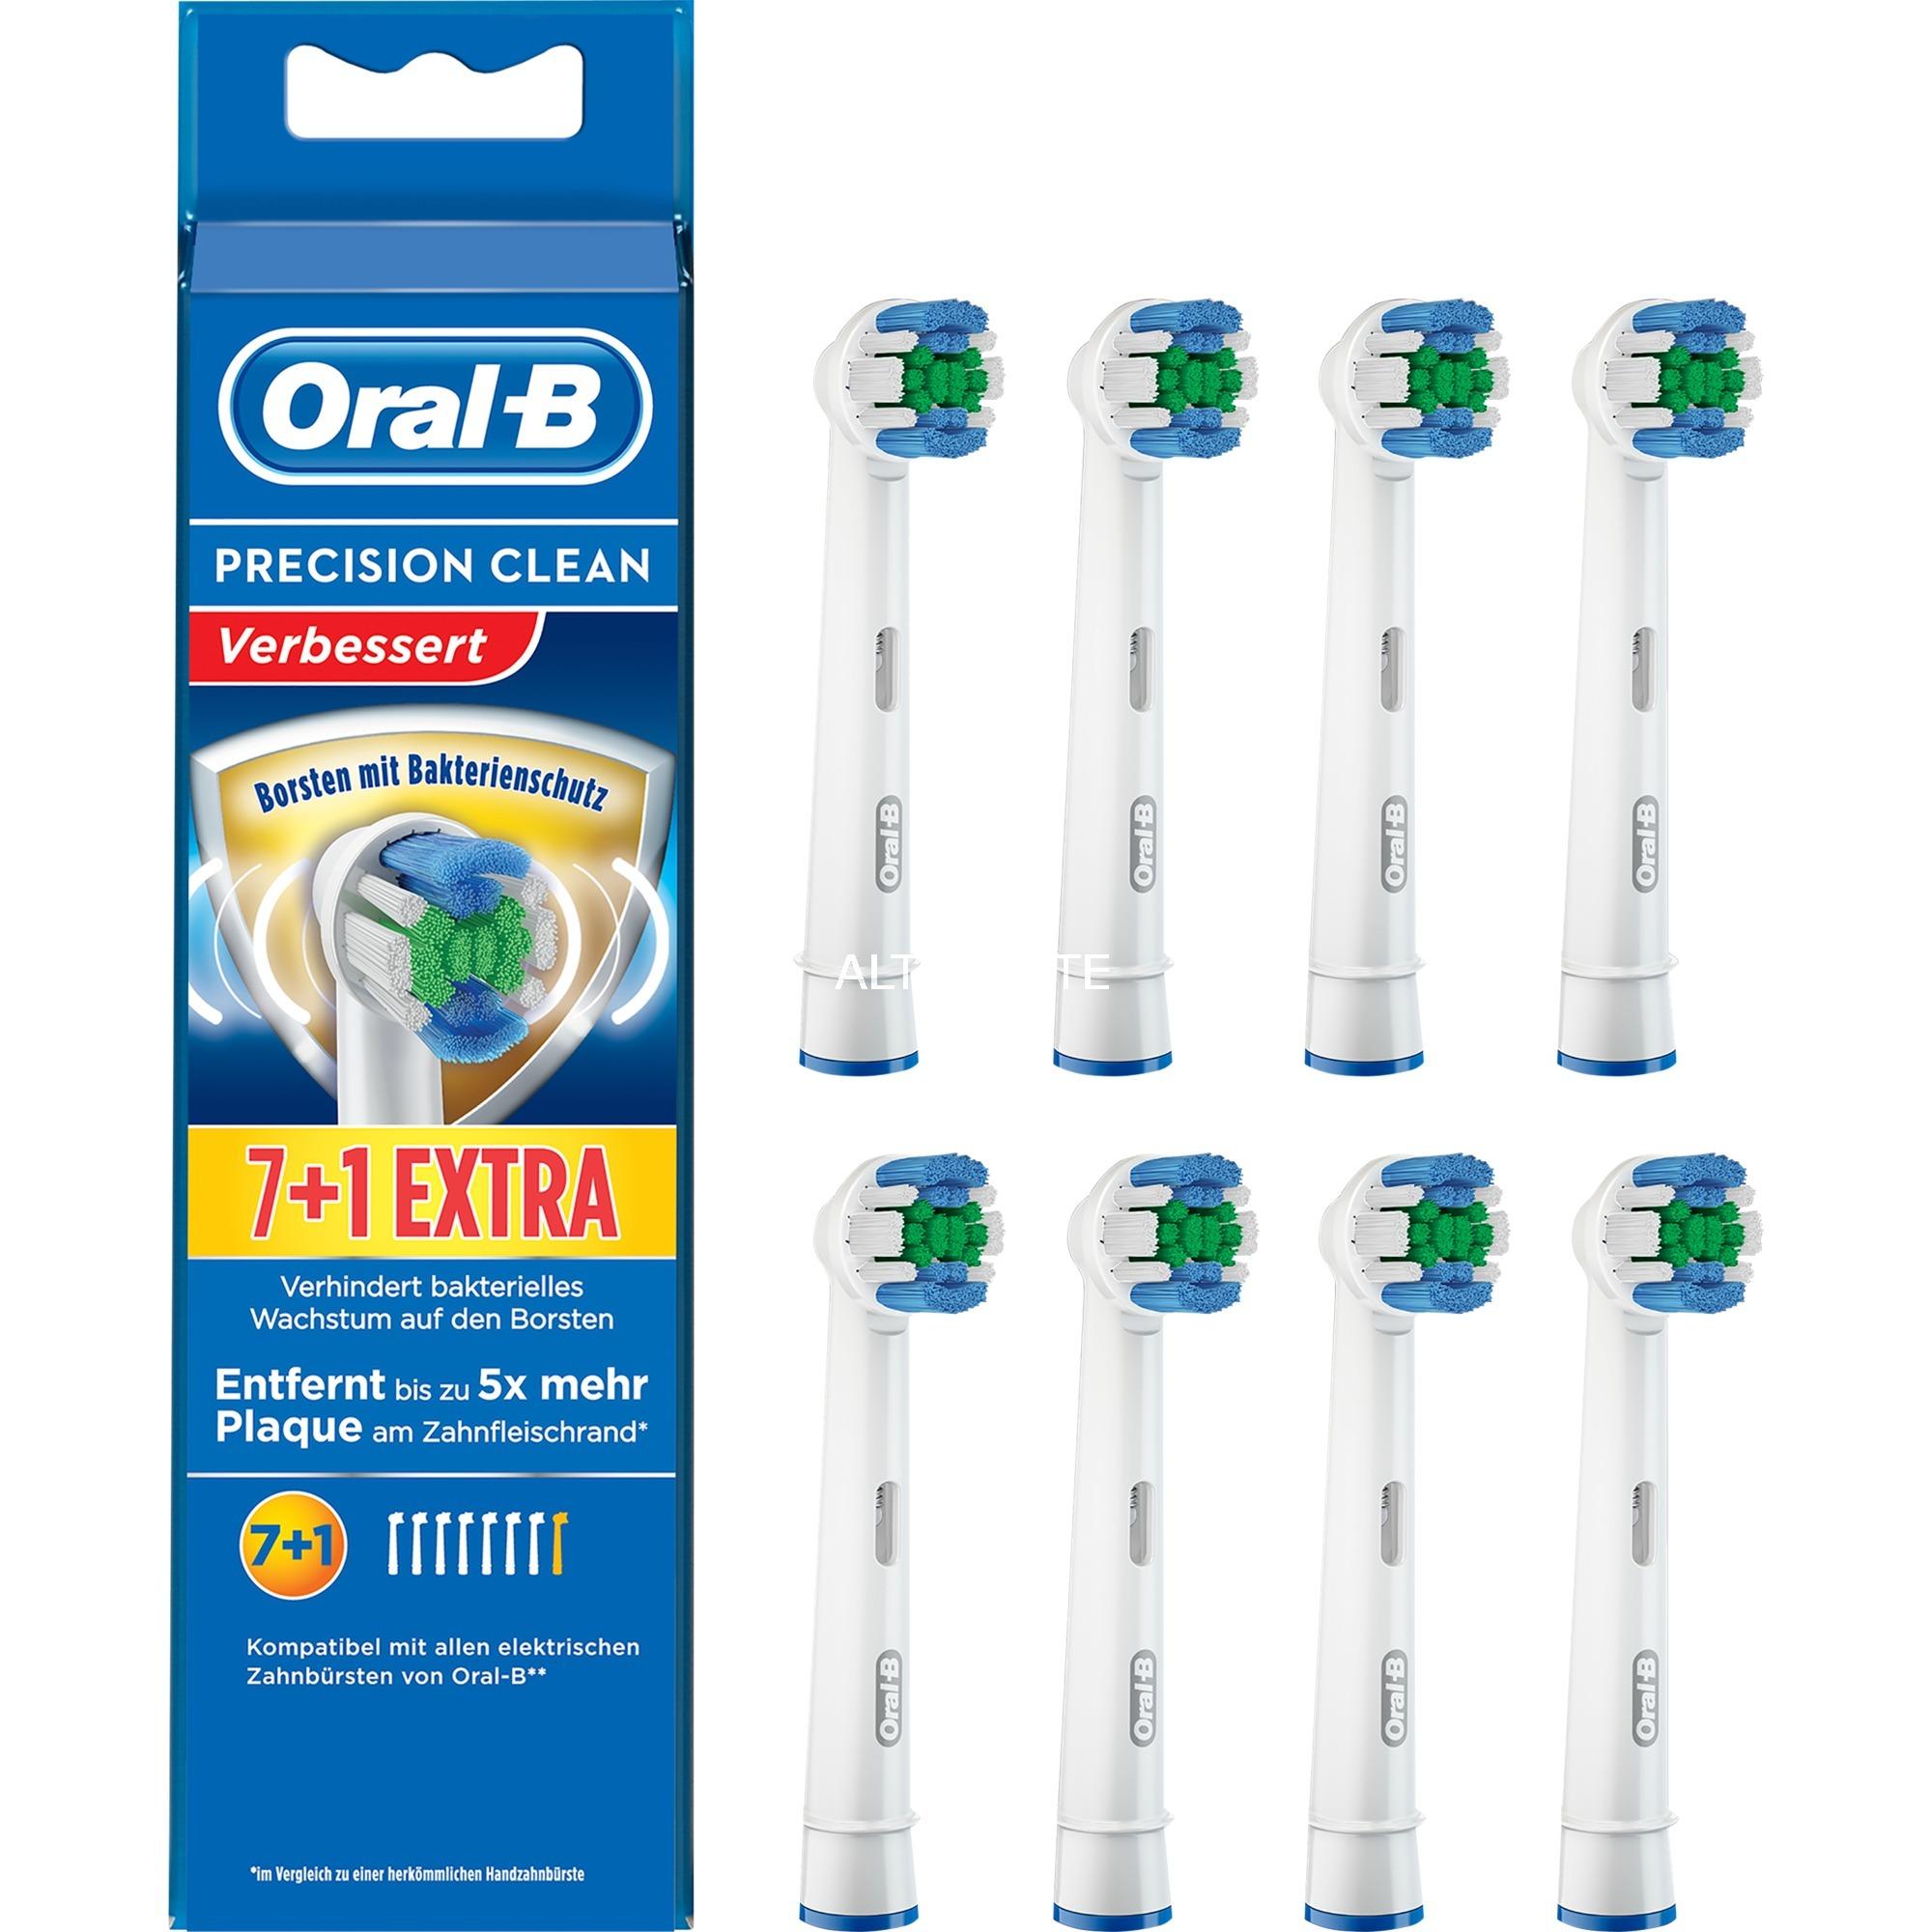 Oral-B Precision Clean, Cabezal de cepillo